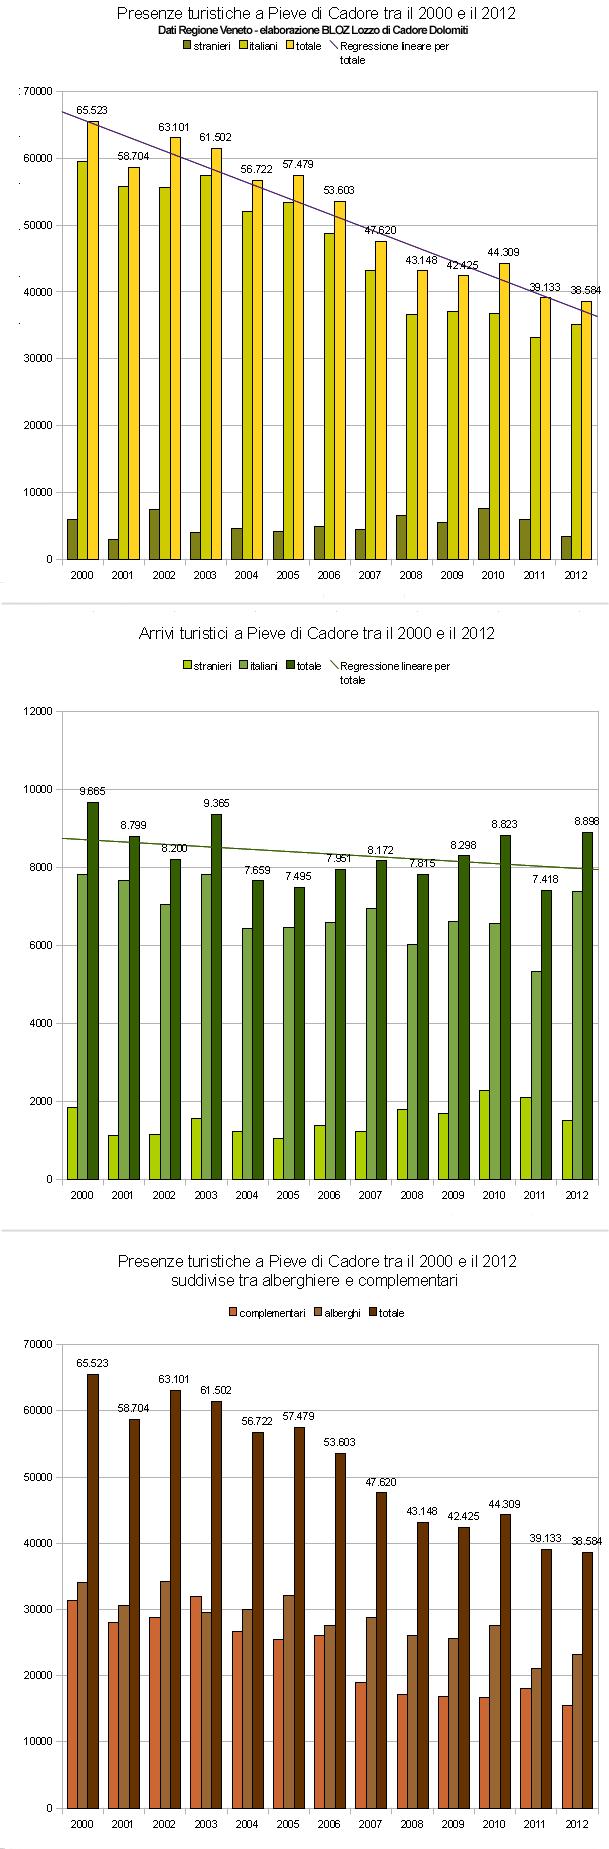 Andamento arrivi e presenze turistiche a Pieve di Cadore tra il 2000 e il 2012